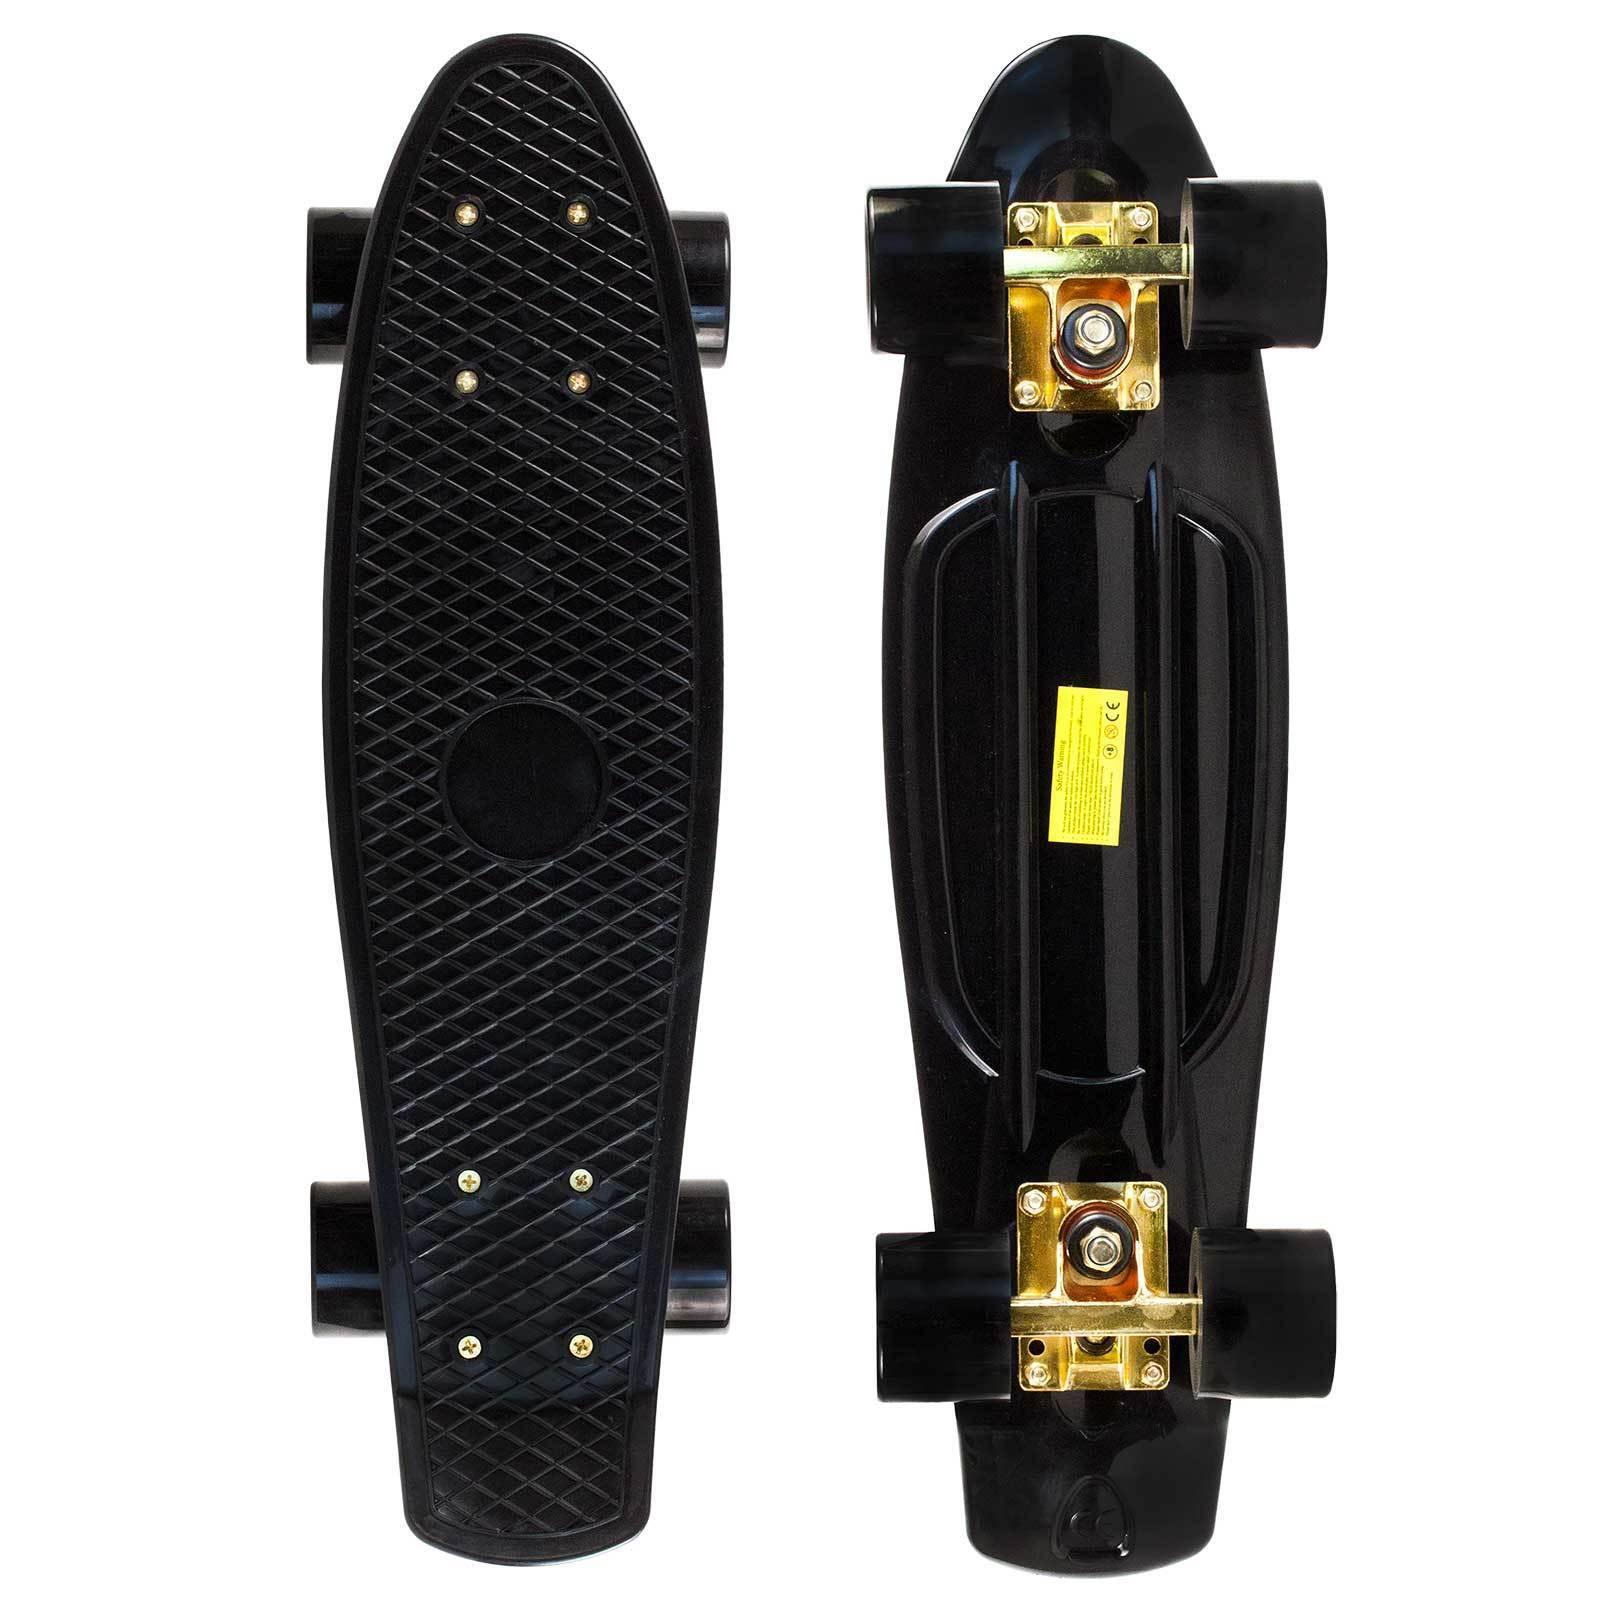 Black Gold Penny Style Cruiser Board 22 inch Retro Plastic Skateboard Complete